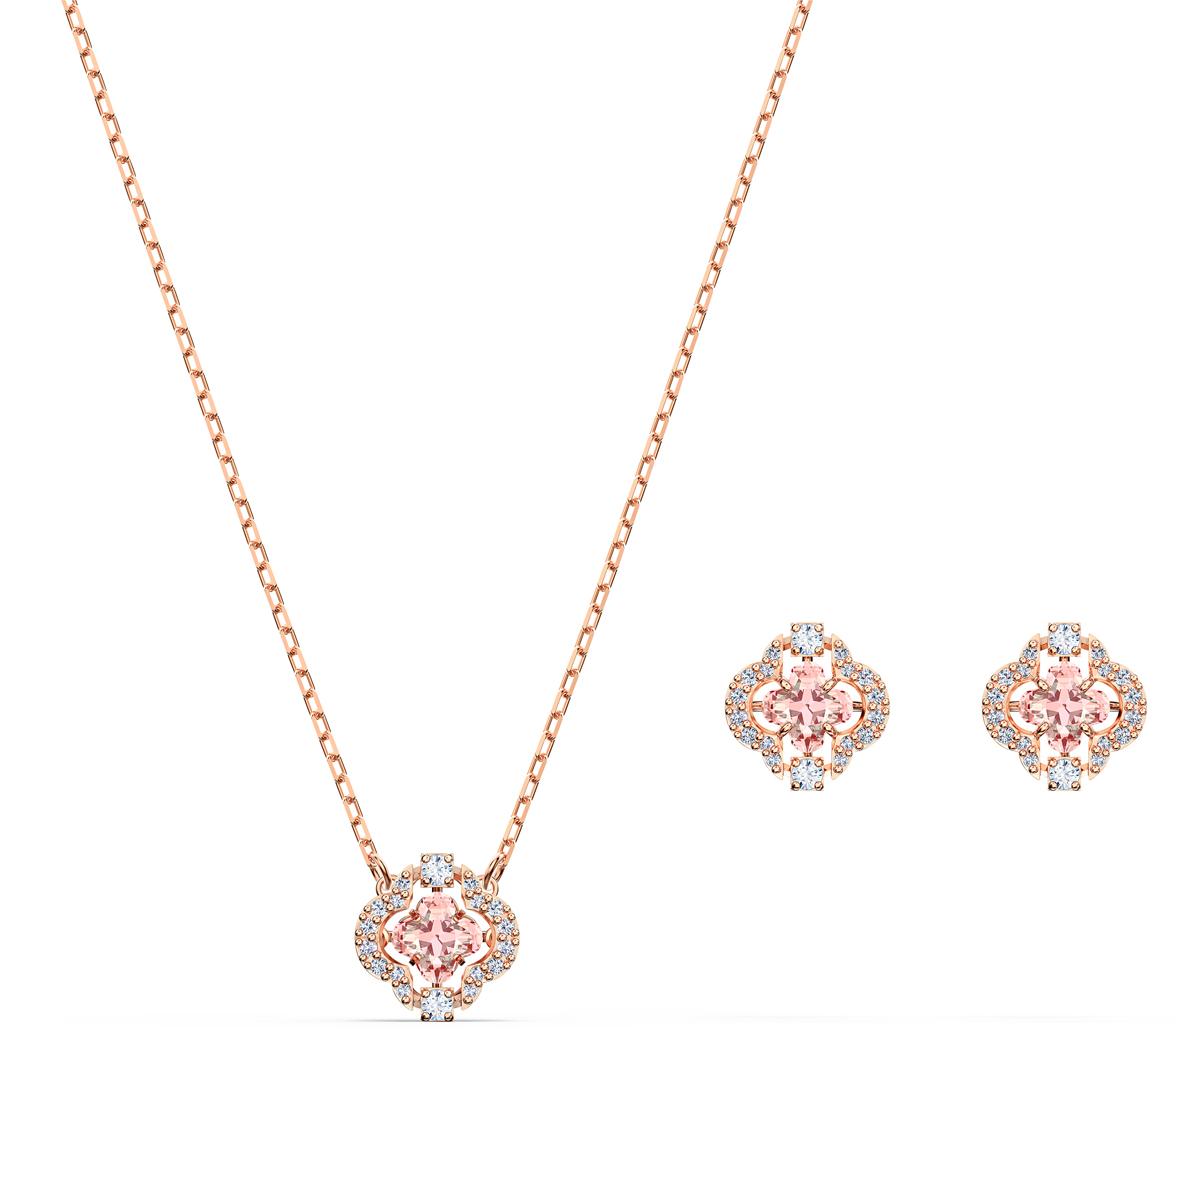 Swarovski Set Sparkling Necklace and Earrings Dance Set Clover Crystal Rose Gold